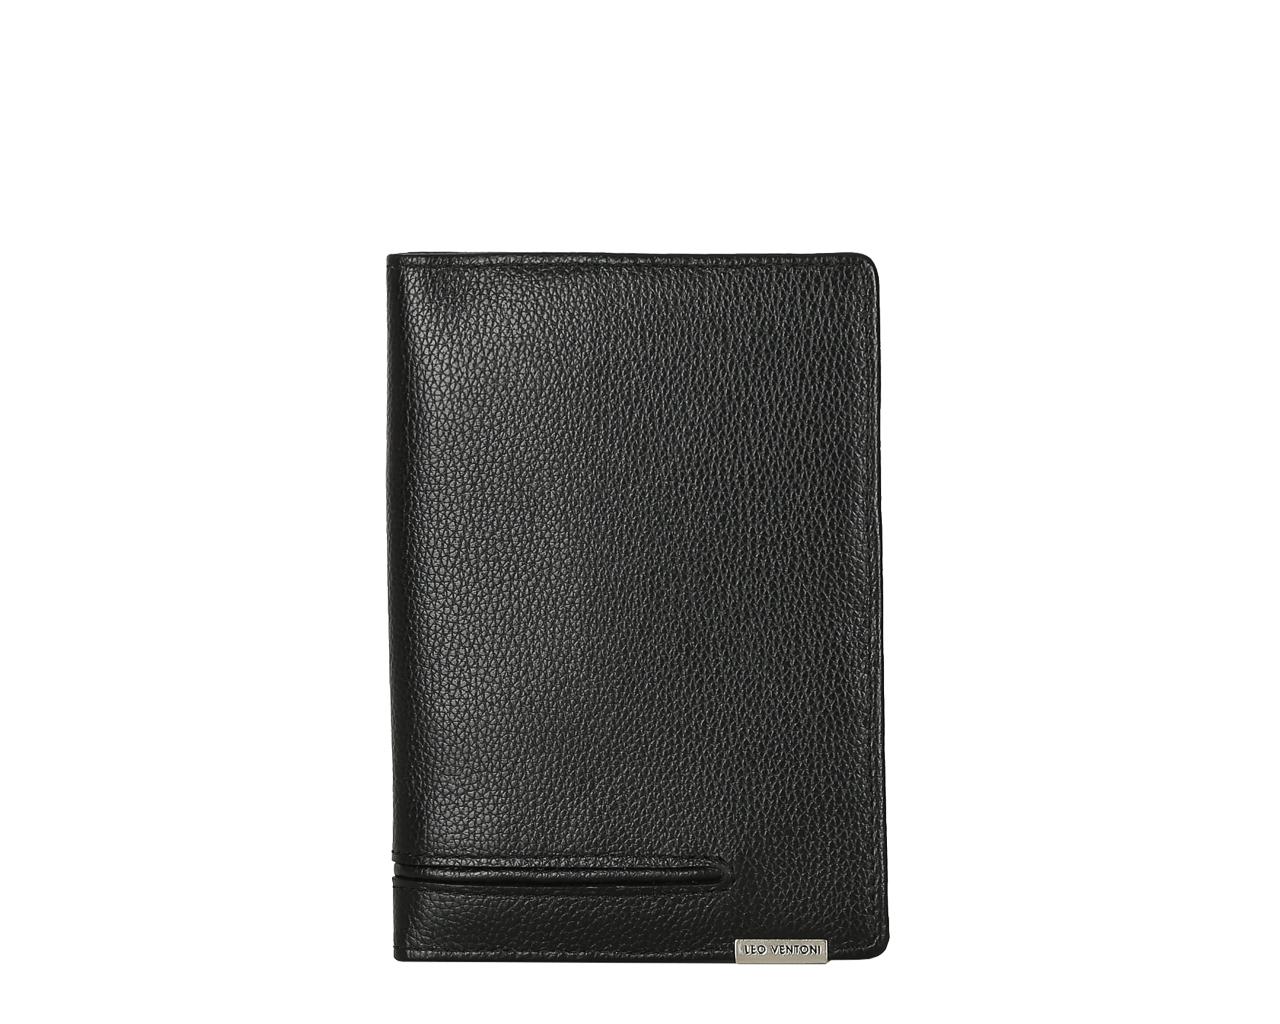 Обложка для документов мужская Leo Ventoni, цвет: черный. L330851L330851-neroМужская обложка для паспорта LEO VENTONI из натуральной кожи черного цвета. Внутри отделение для паспорта.